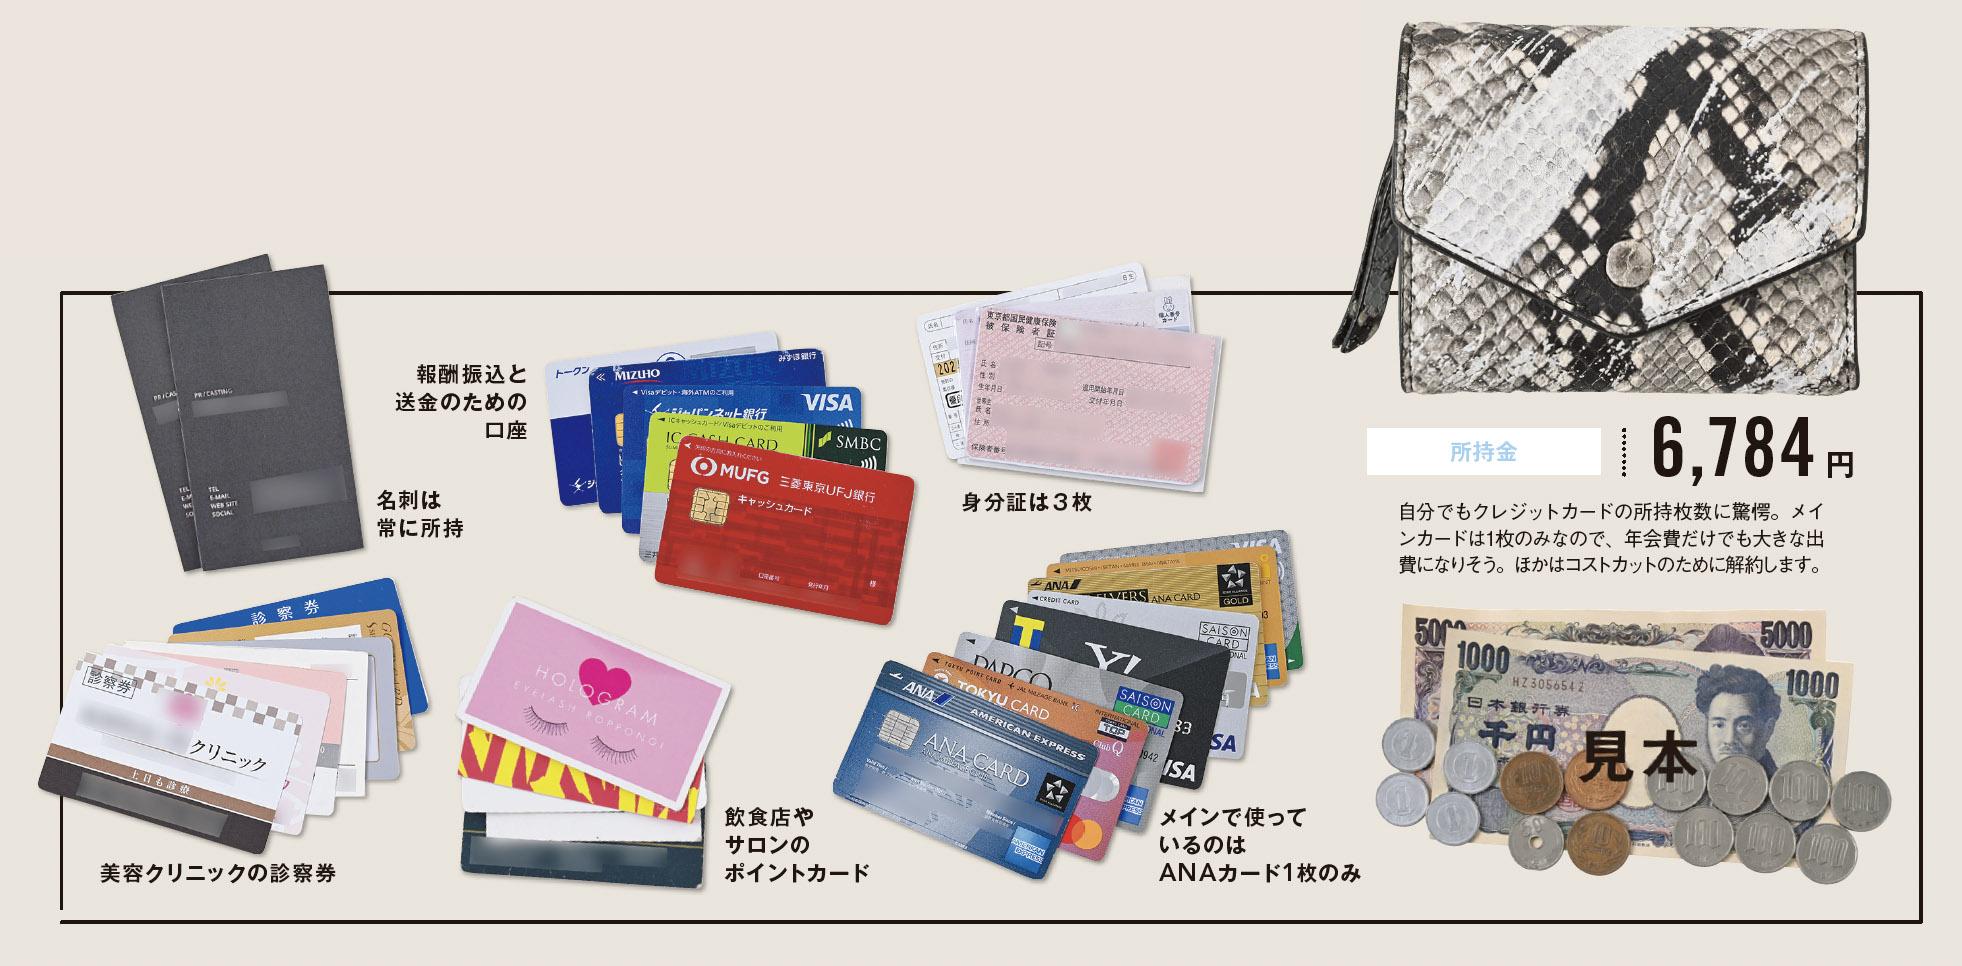 坂本さんのお財布の中身